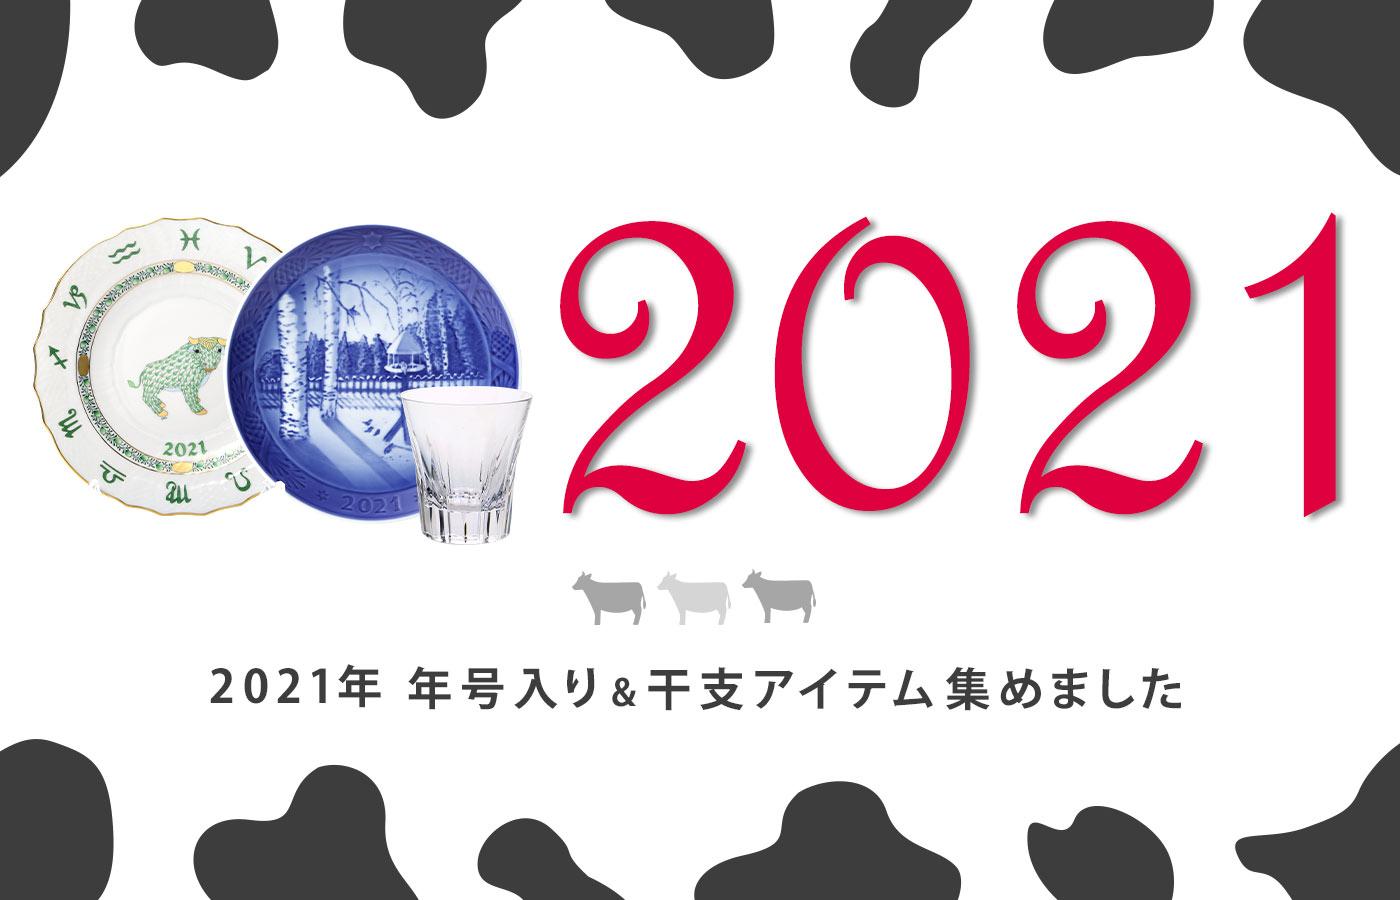 イヤー&干支アイテム 2020/2021